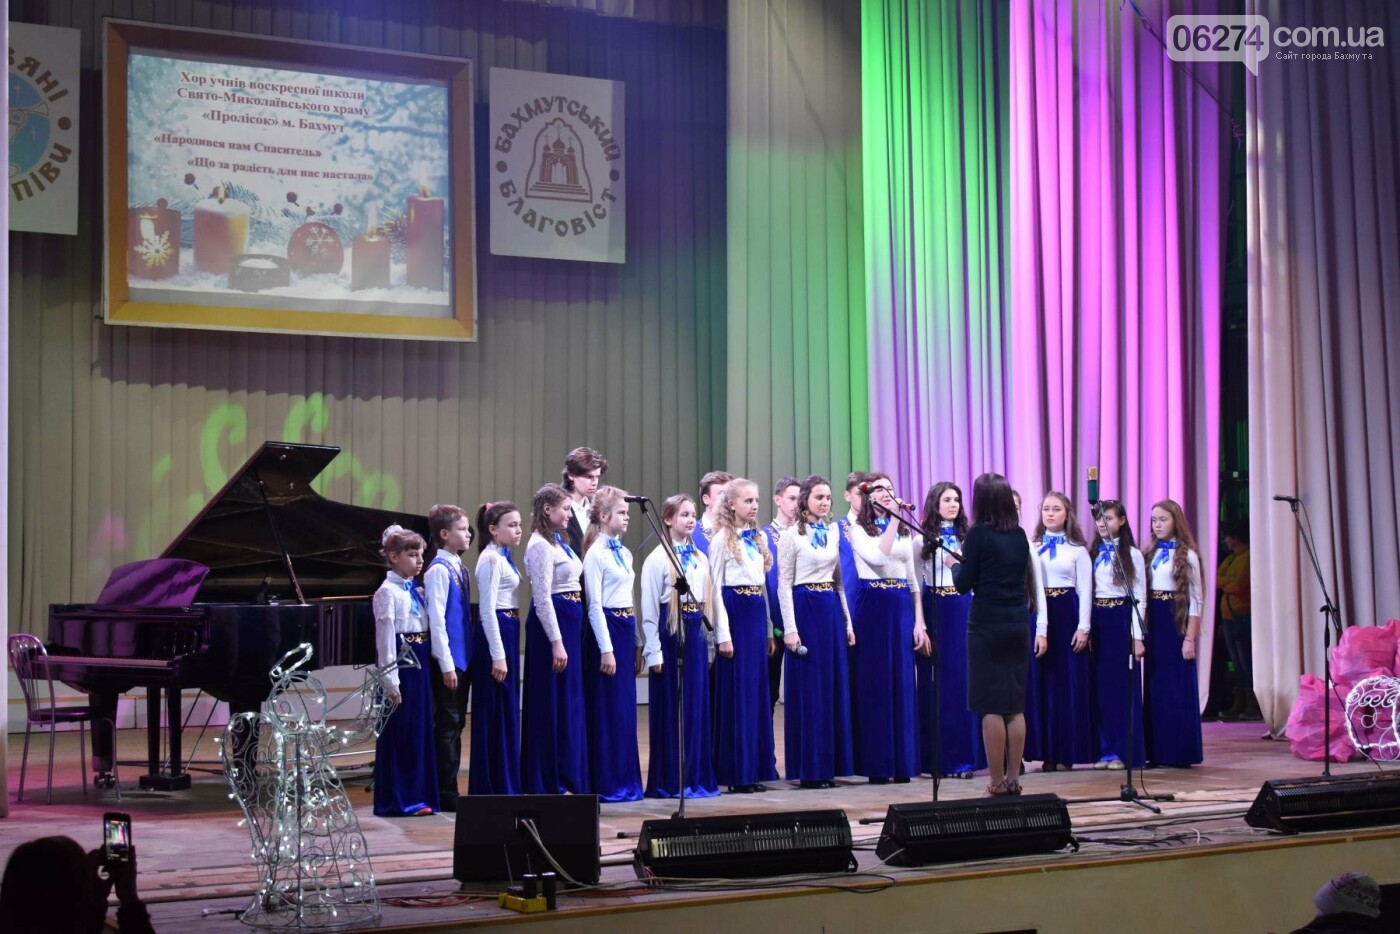 В Бахмуте прошел региональный фестиваль «Рождественские песнопения», фото-6